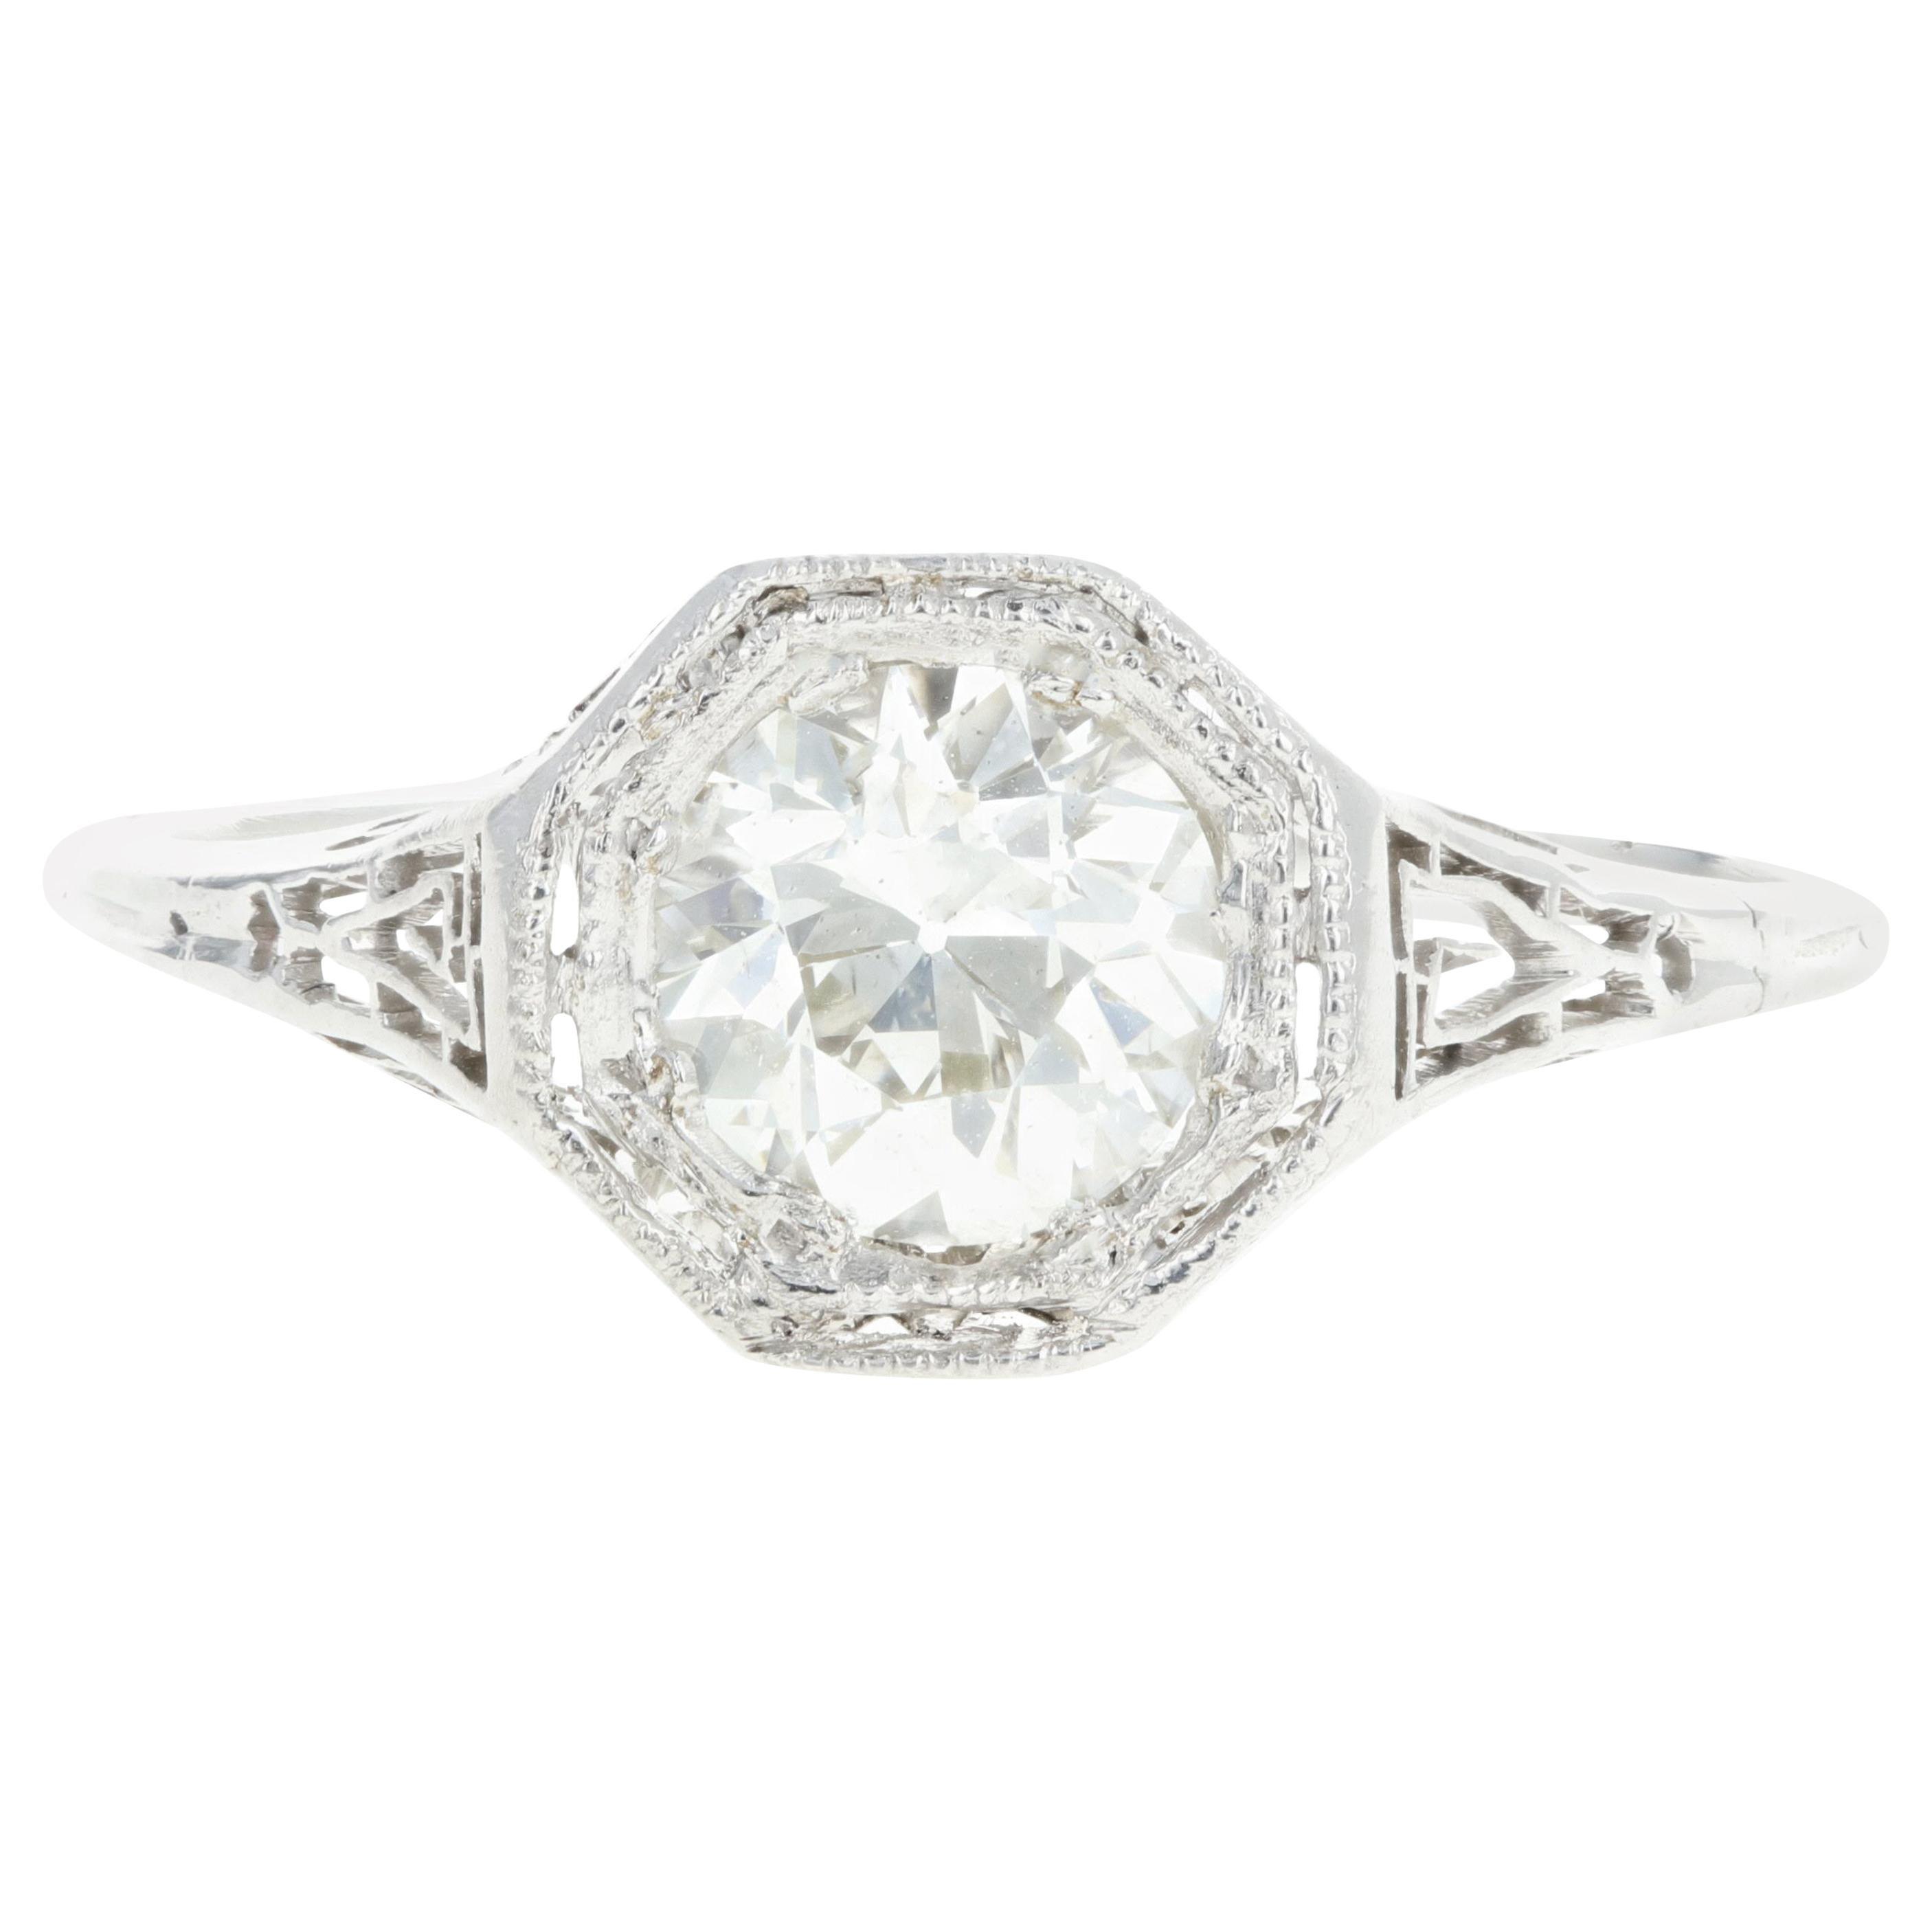 Art Deco Platinum .85 Carat Old European Cut Diamond Engagement Ring